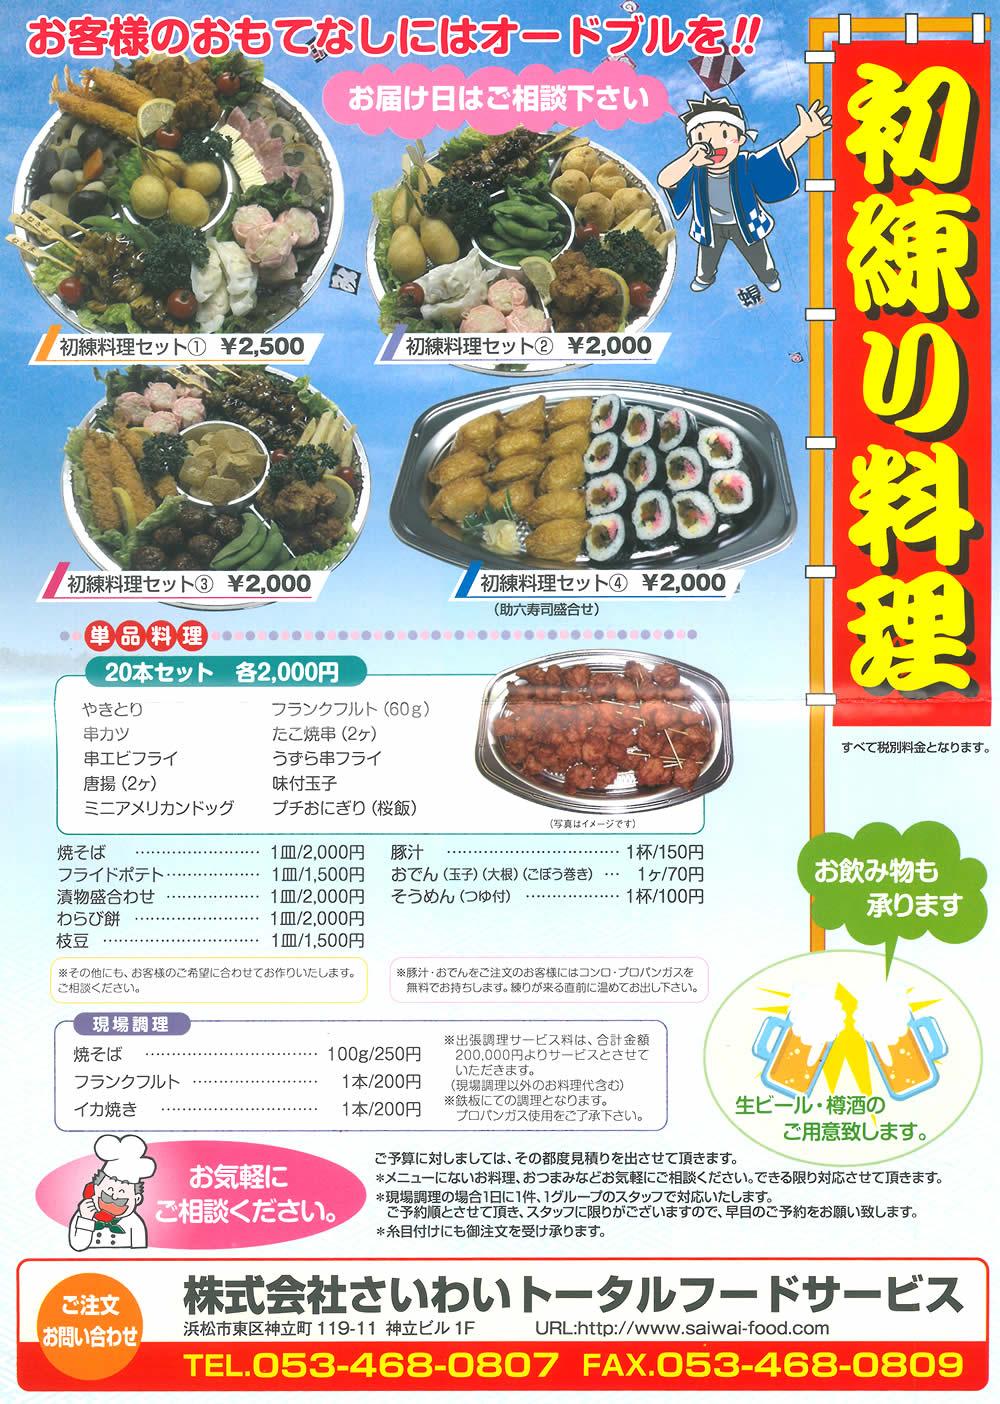 浜松祭り 接待料理